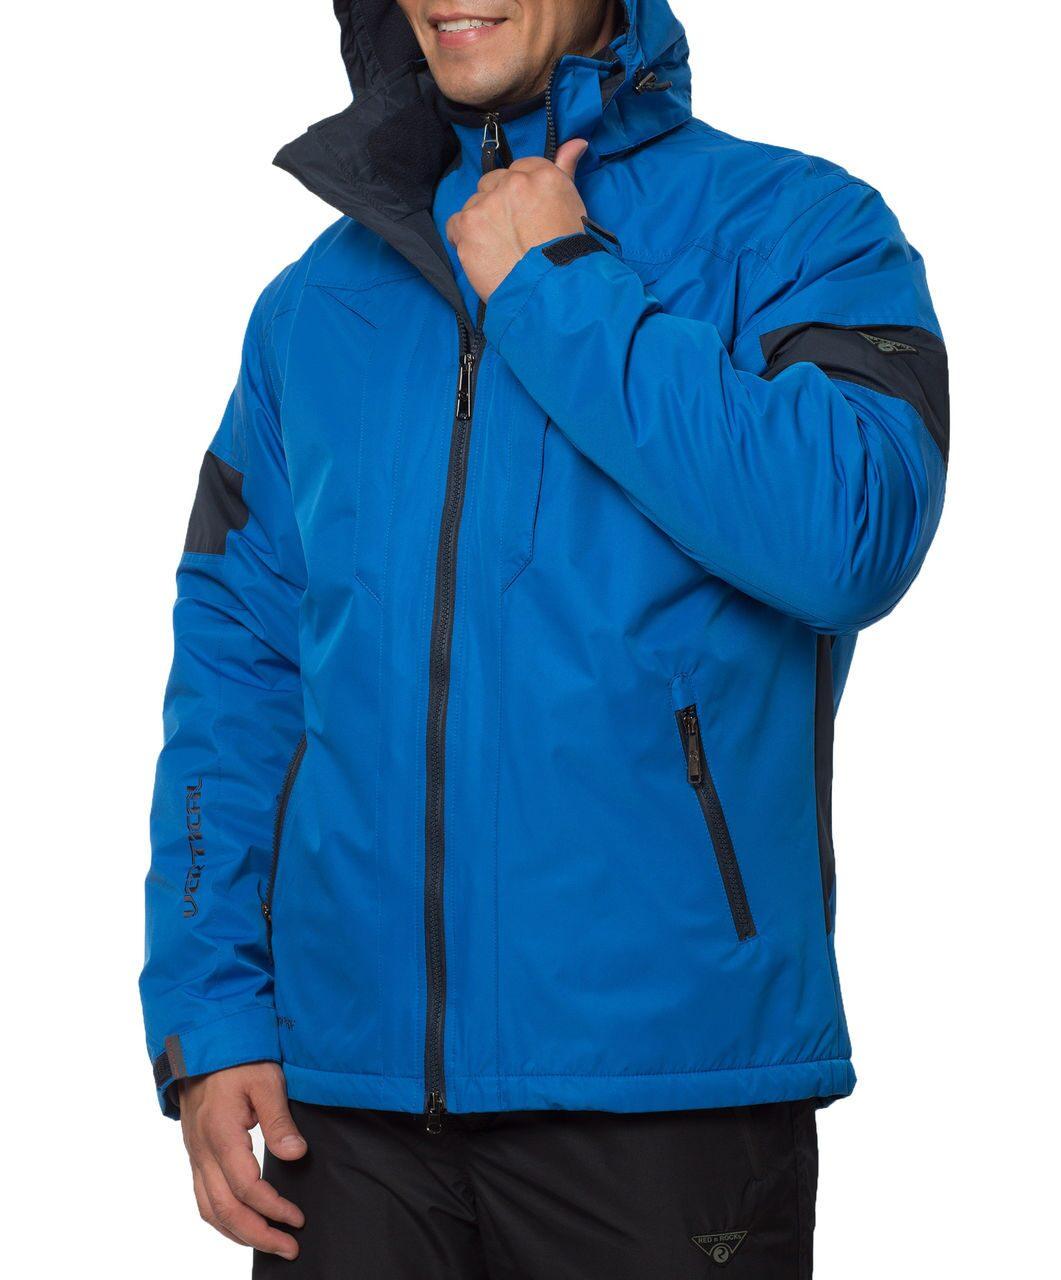 Купить Куртку От Дождя Мужскую